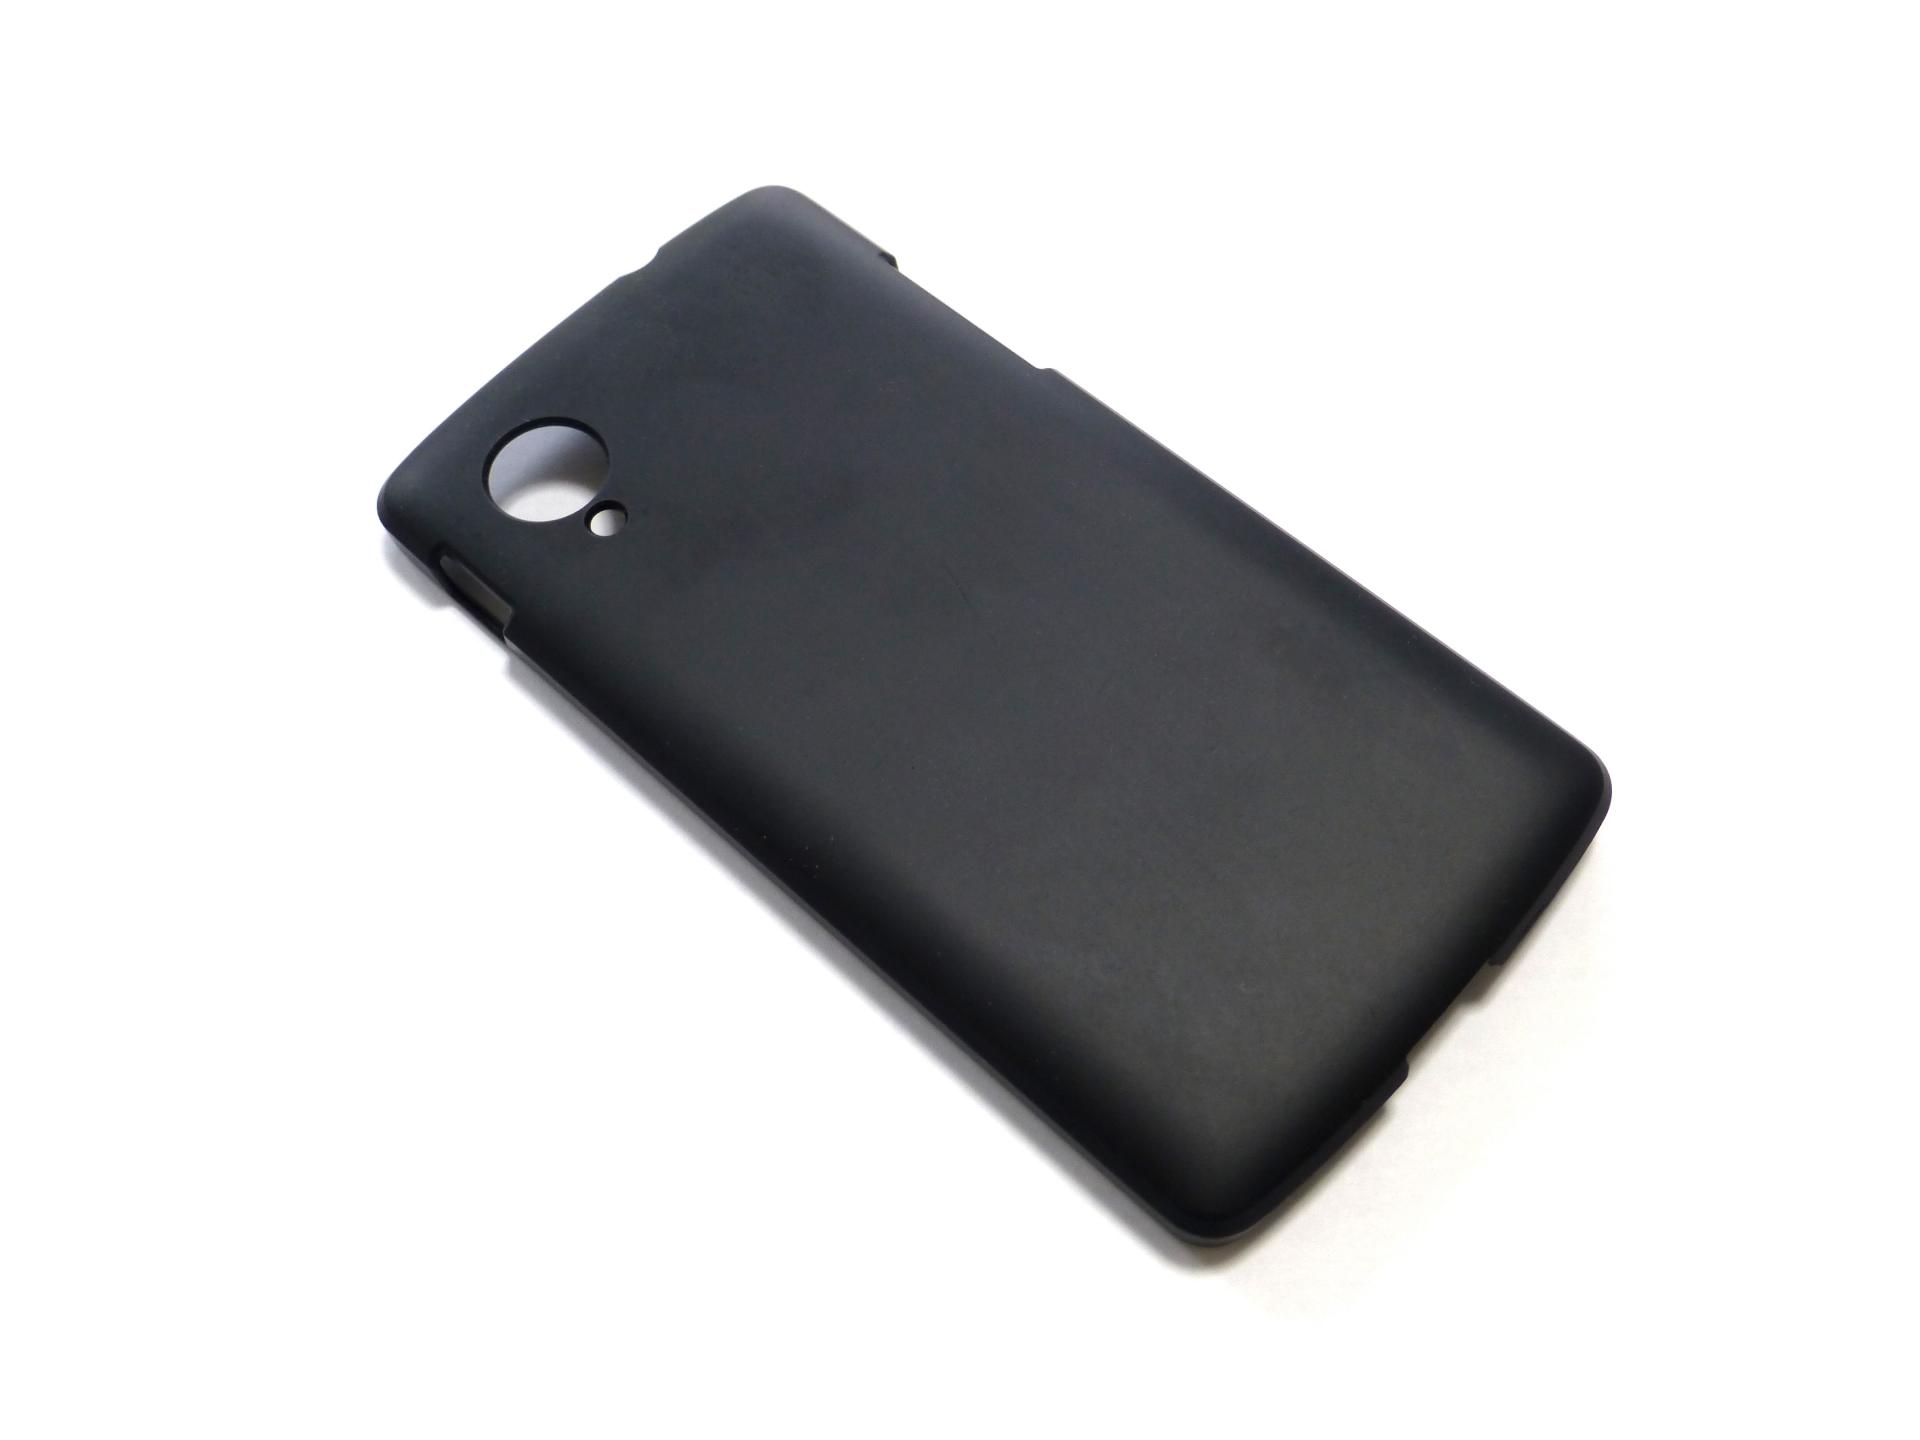 iPhone7にぴったりなケースは?おすすめ素材3選